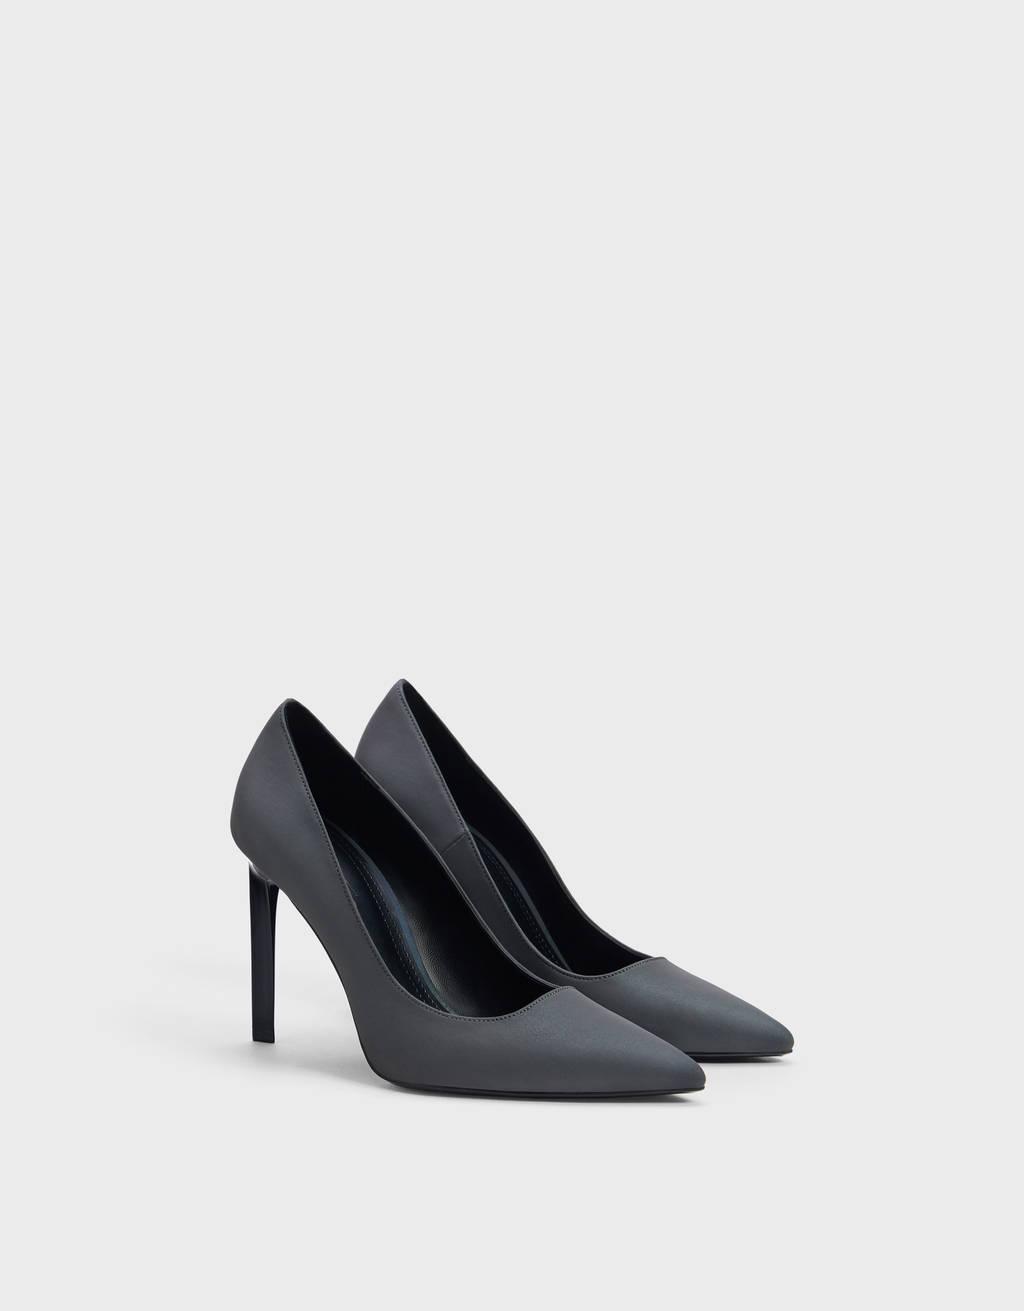 Talons Chaussures 2019Bershka Pour Femme À Automne PuZiTOXwk